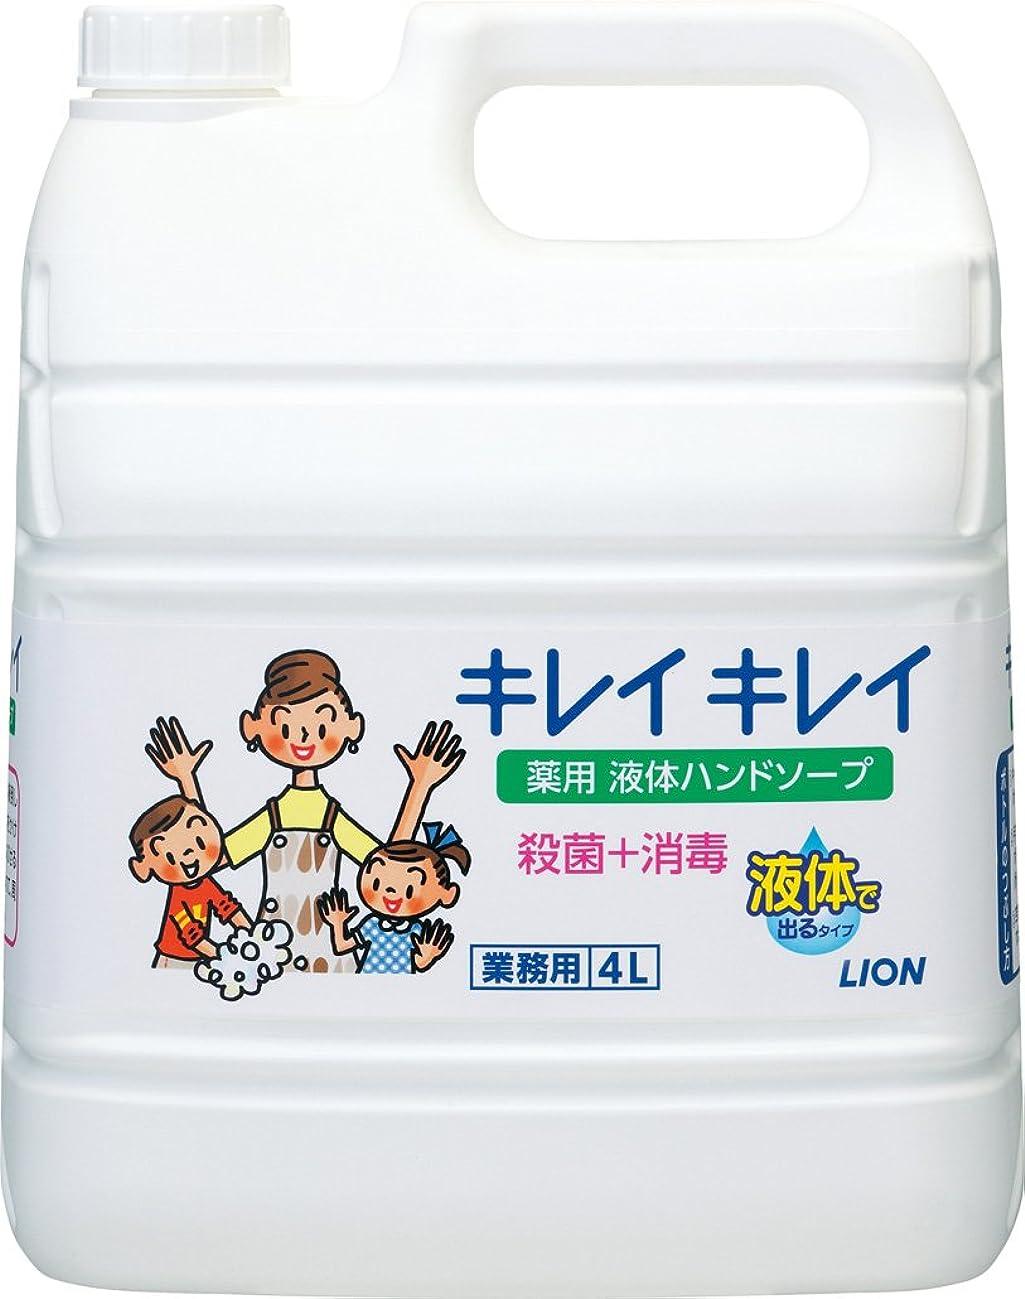 定数酔っ払い探検【業務用 大容量】キレイキレイ 薬用 ハンドソープ? 4L(医薬部外品)